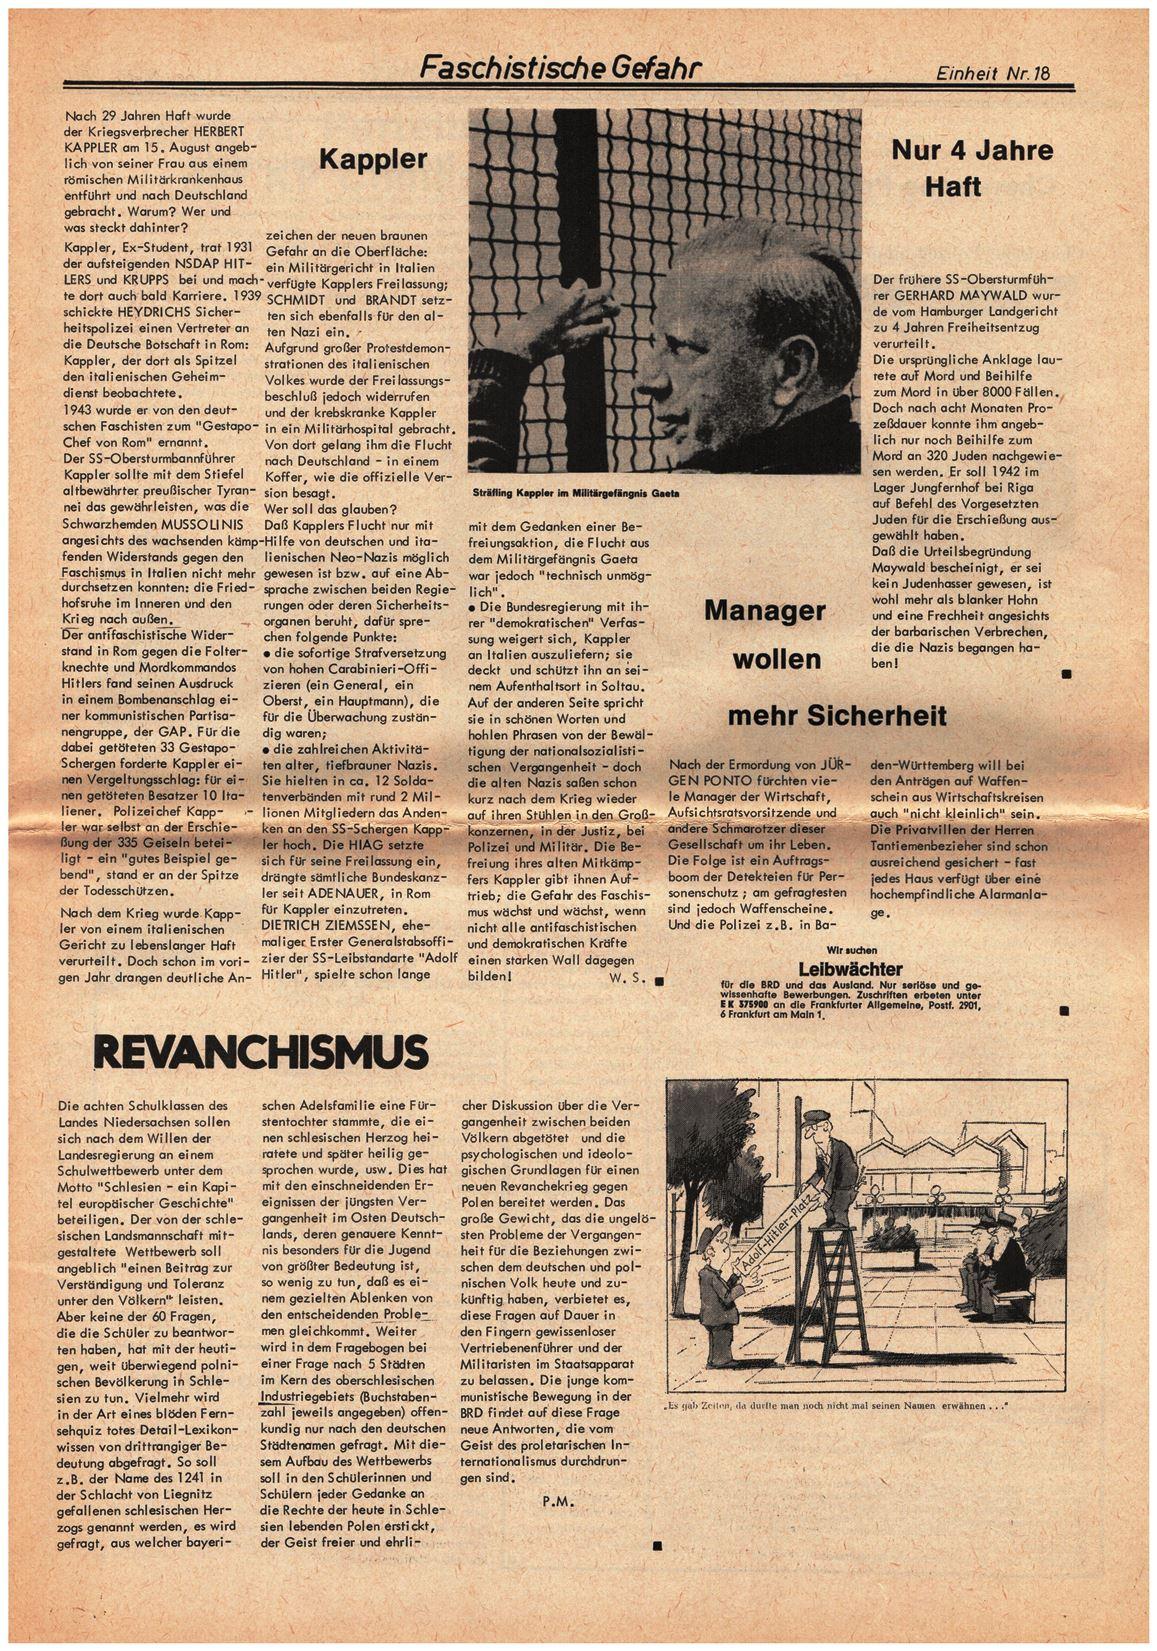 Koeln_IPdA_Einheit_1977_018_005